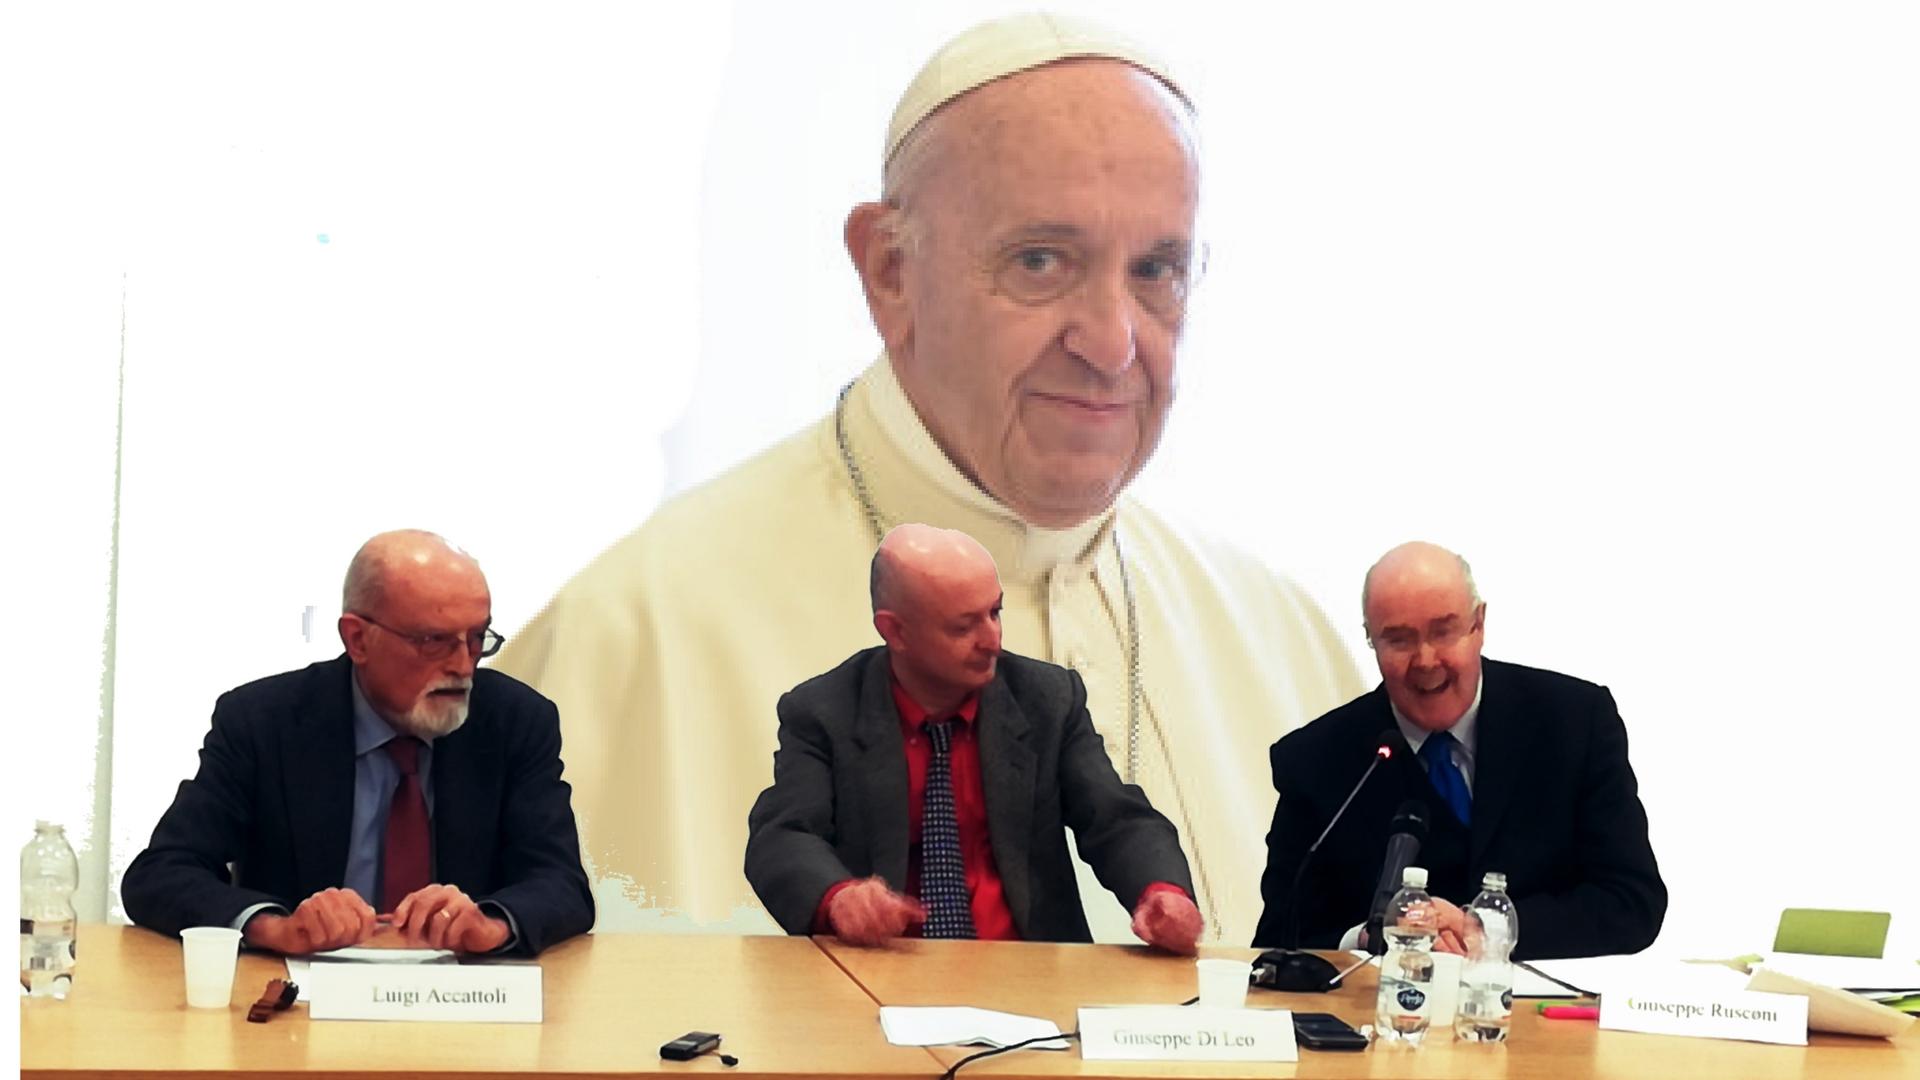 Pope Francesco: reformer or heretic?